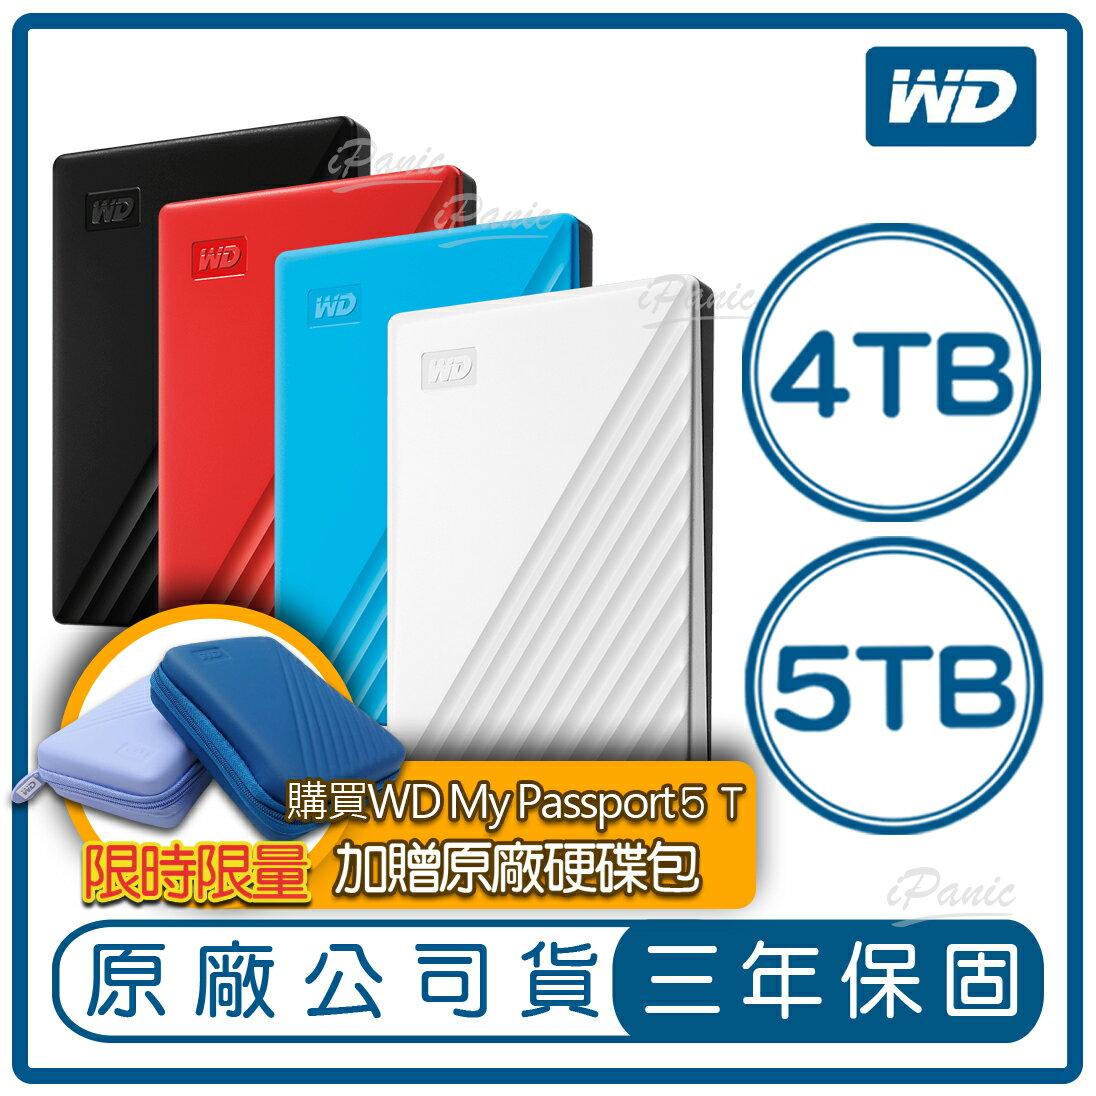 【新款】【5T加贈硬碟包】WD My Passport 4TB 5TB 2.5吋 行動硬碟 隨身硬碟 外接式硬碟 原廠公司貨 原廠保固 自動備份 4T 5T